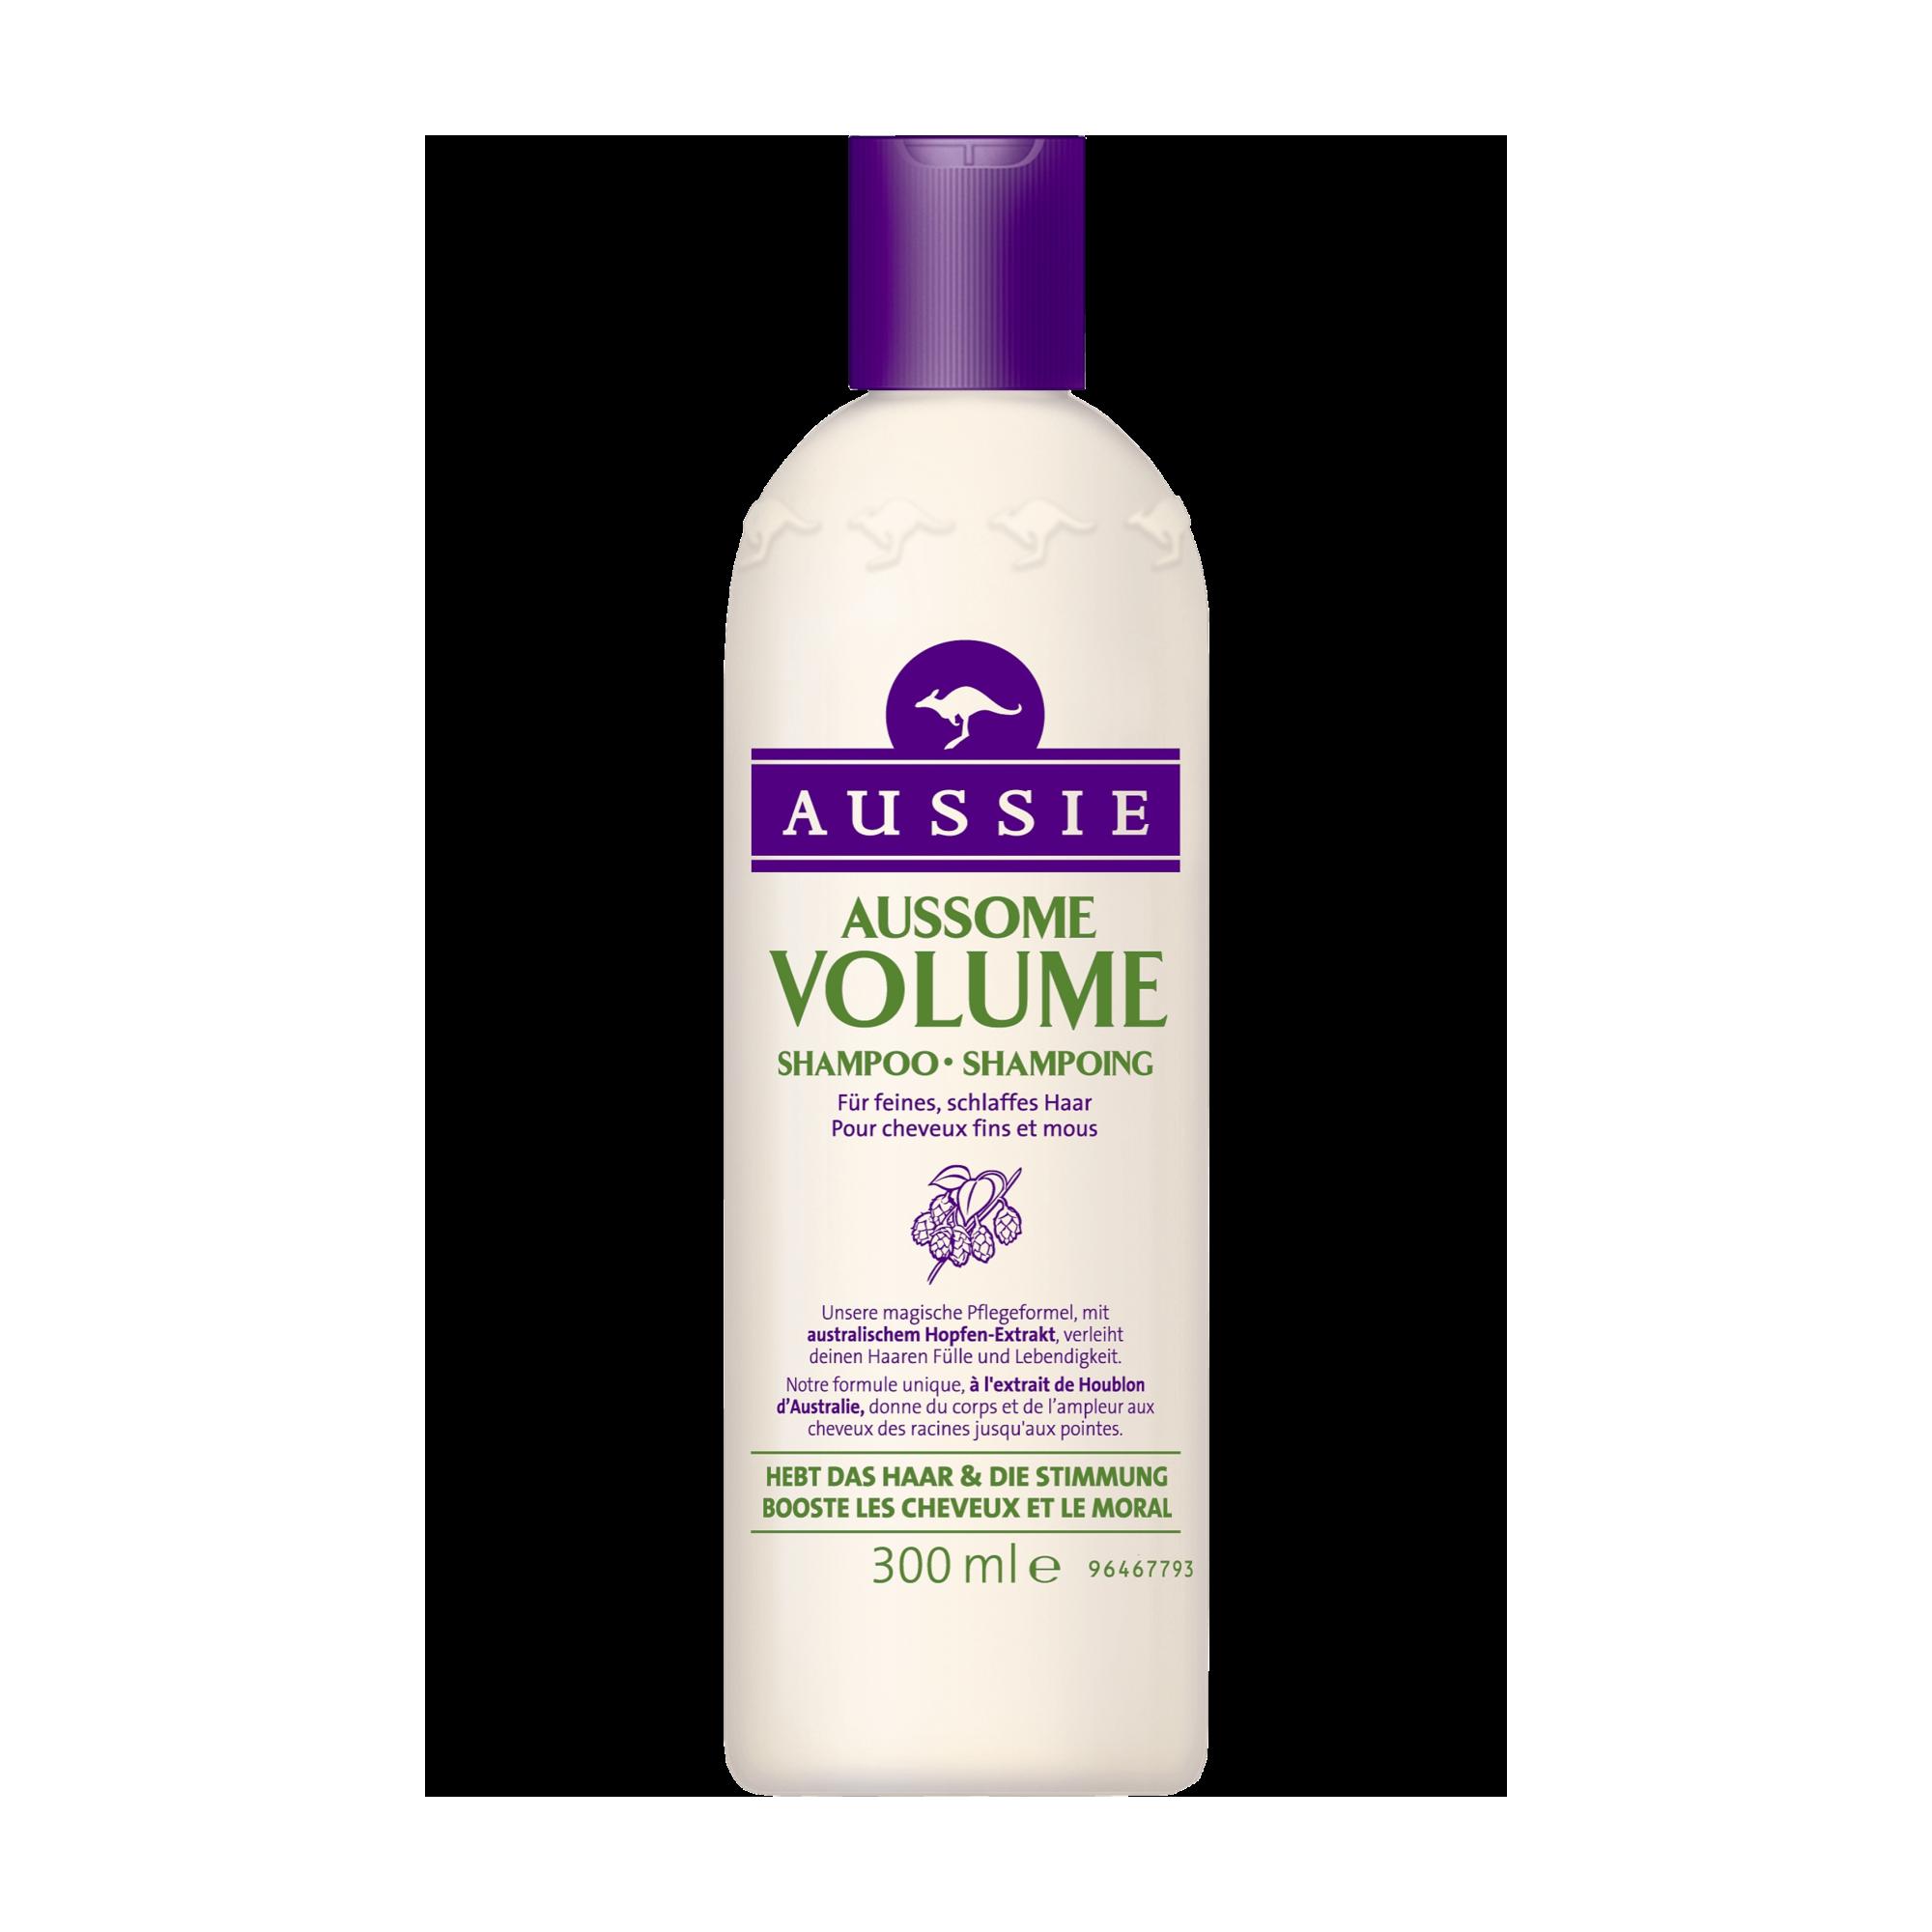 Aussie Aussome Volume Shampoo 300ml